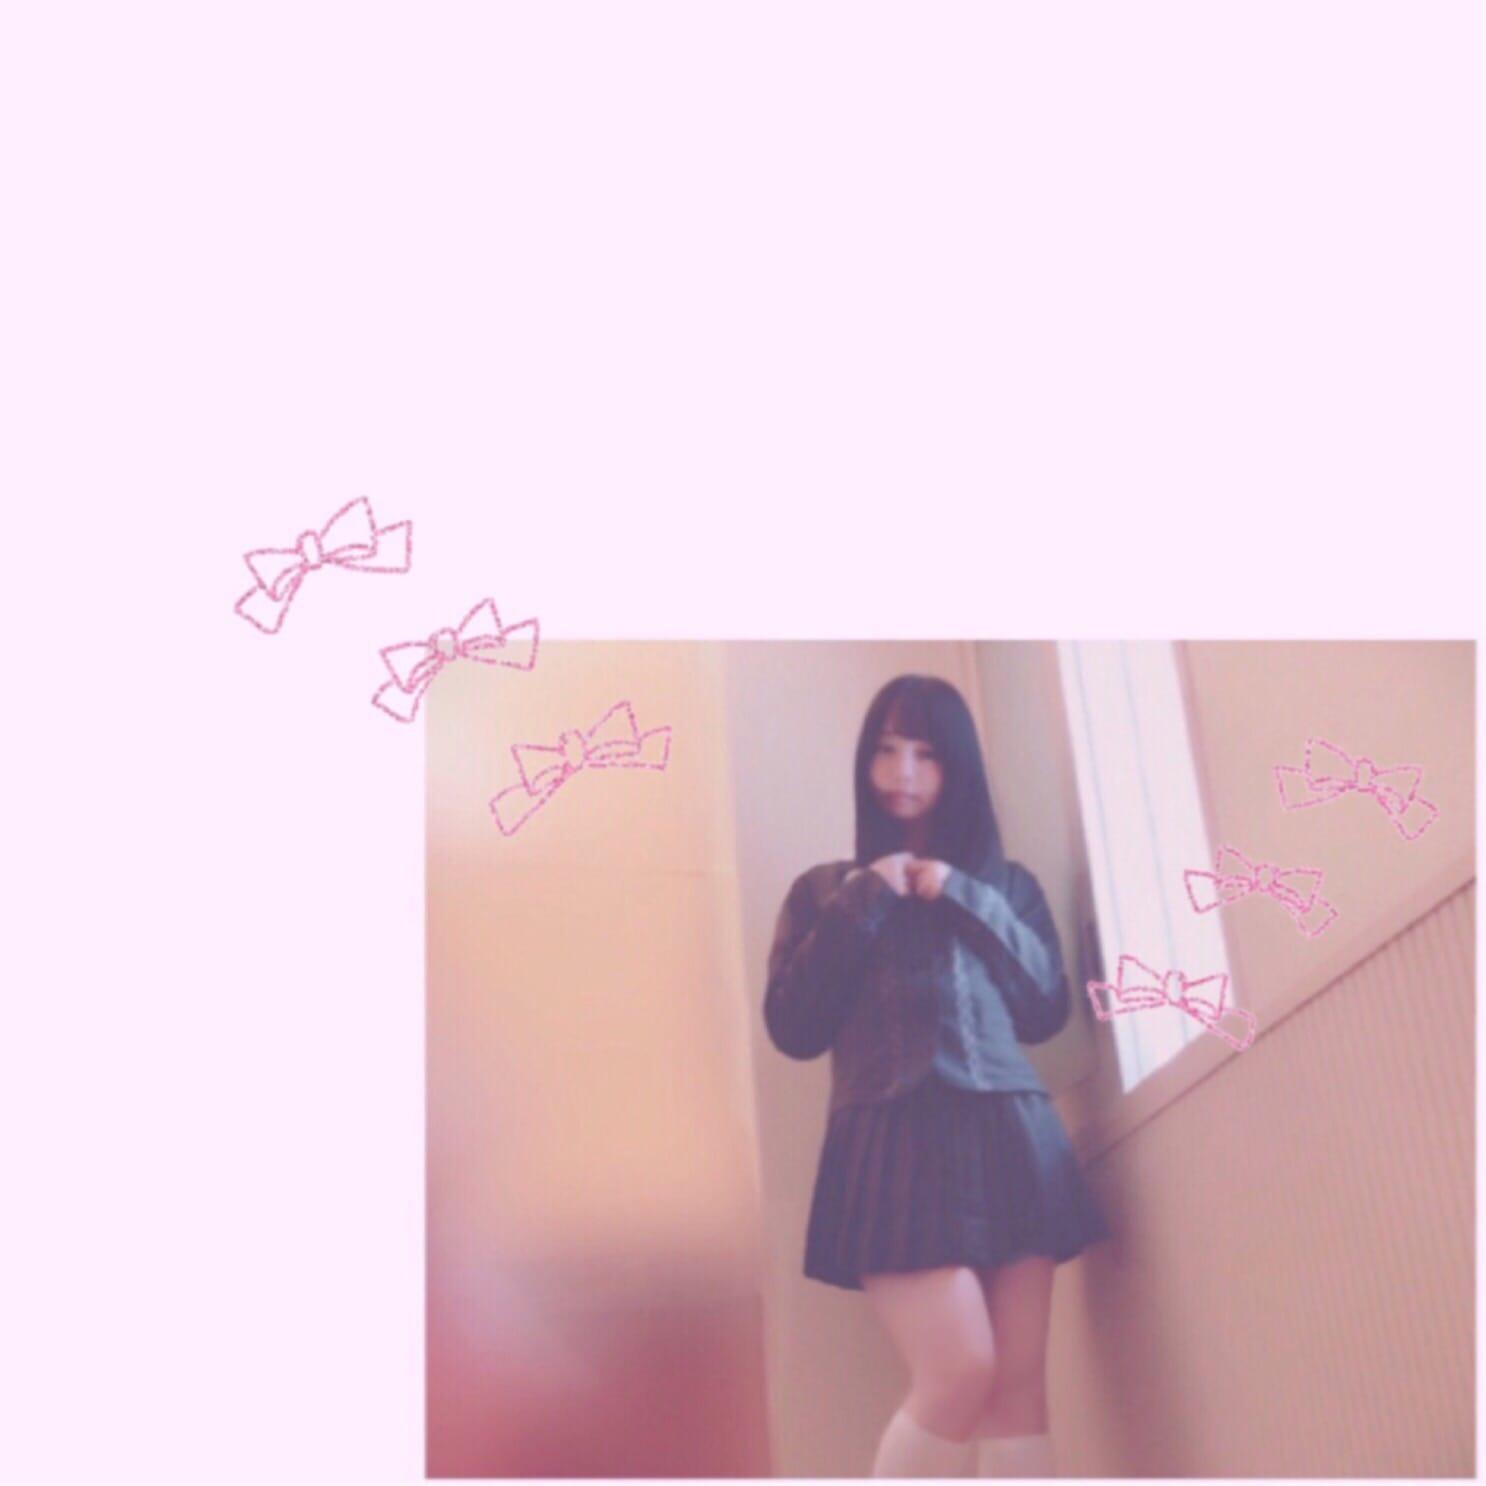 ゆい「ありがとう♪」11/19(日) 22:48 | ゆいの写メ・風俗動画